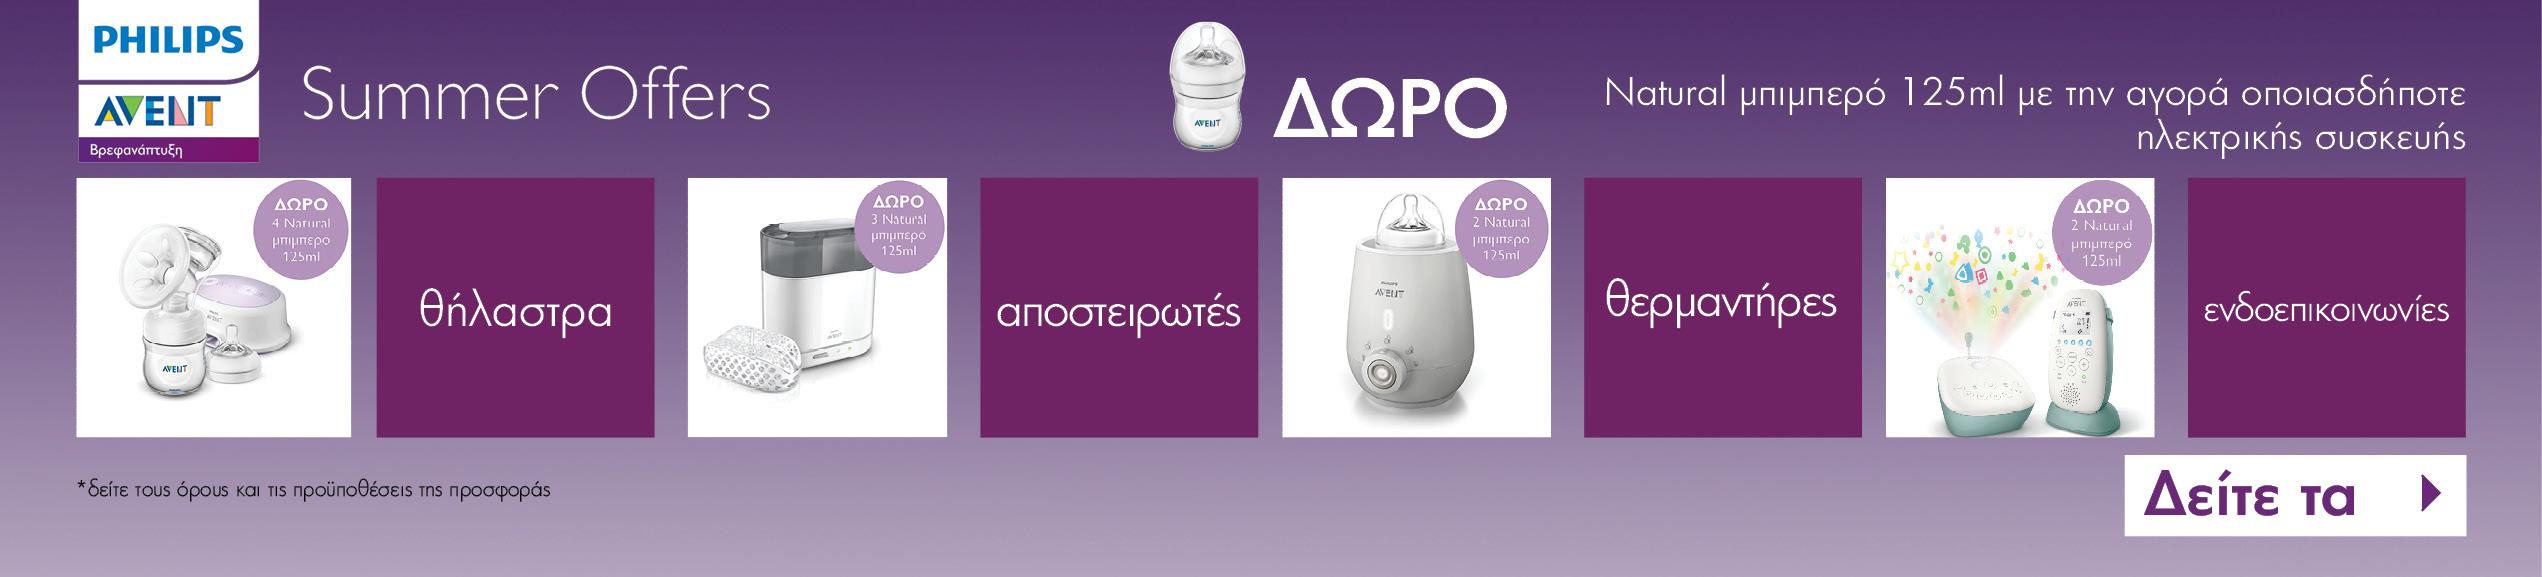 Δώρο μπουκάλι 125ml με κάθε αγορά ηλεκτρικής συσκευής Philips Avent